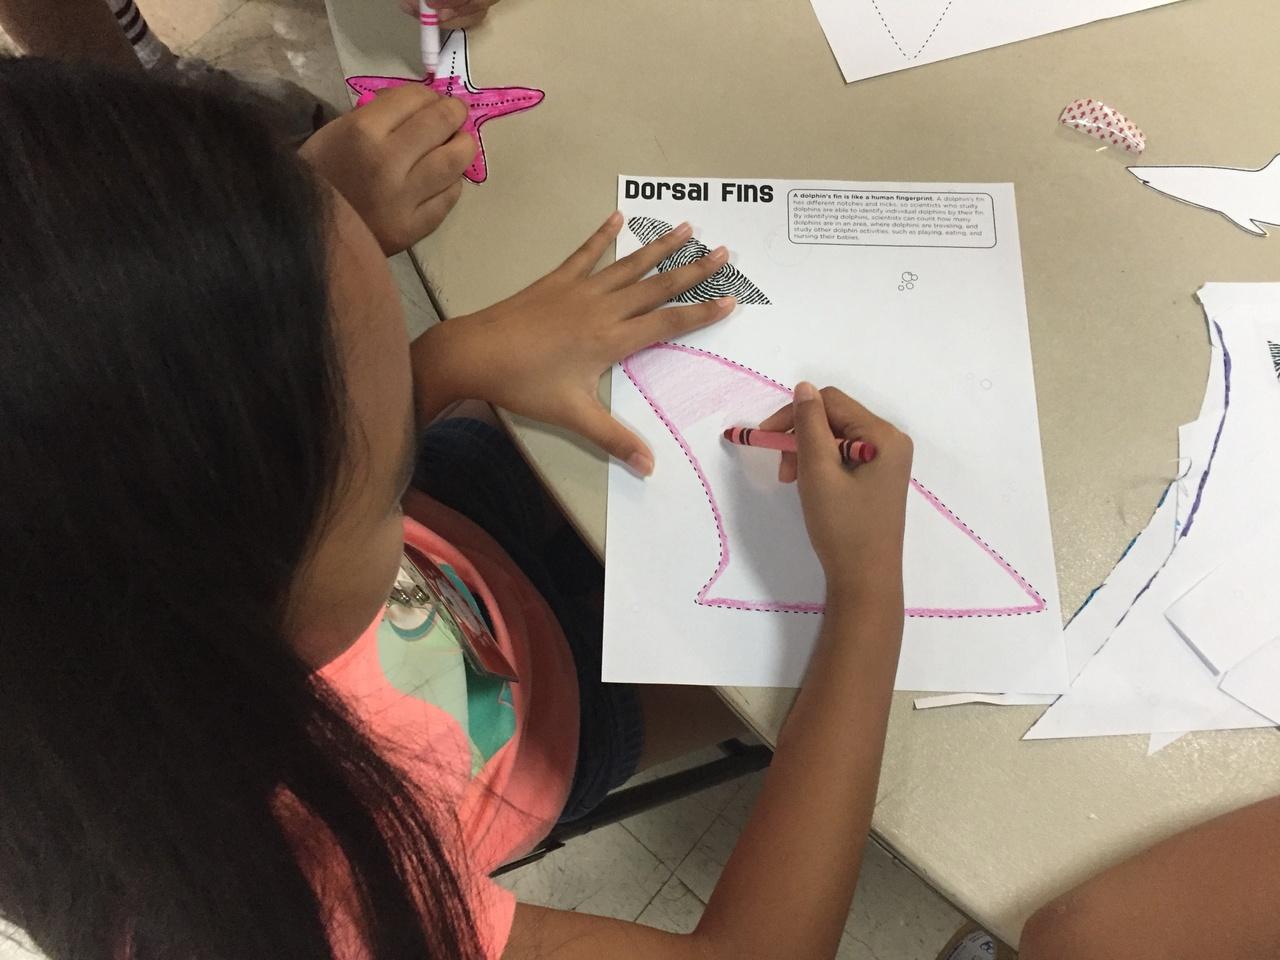 A Camp Maga'lani student creates her unique dorsal fin.